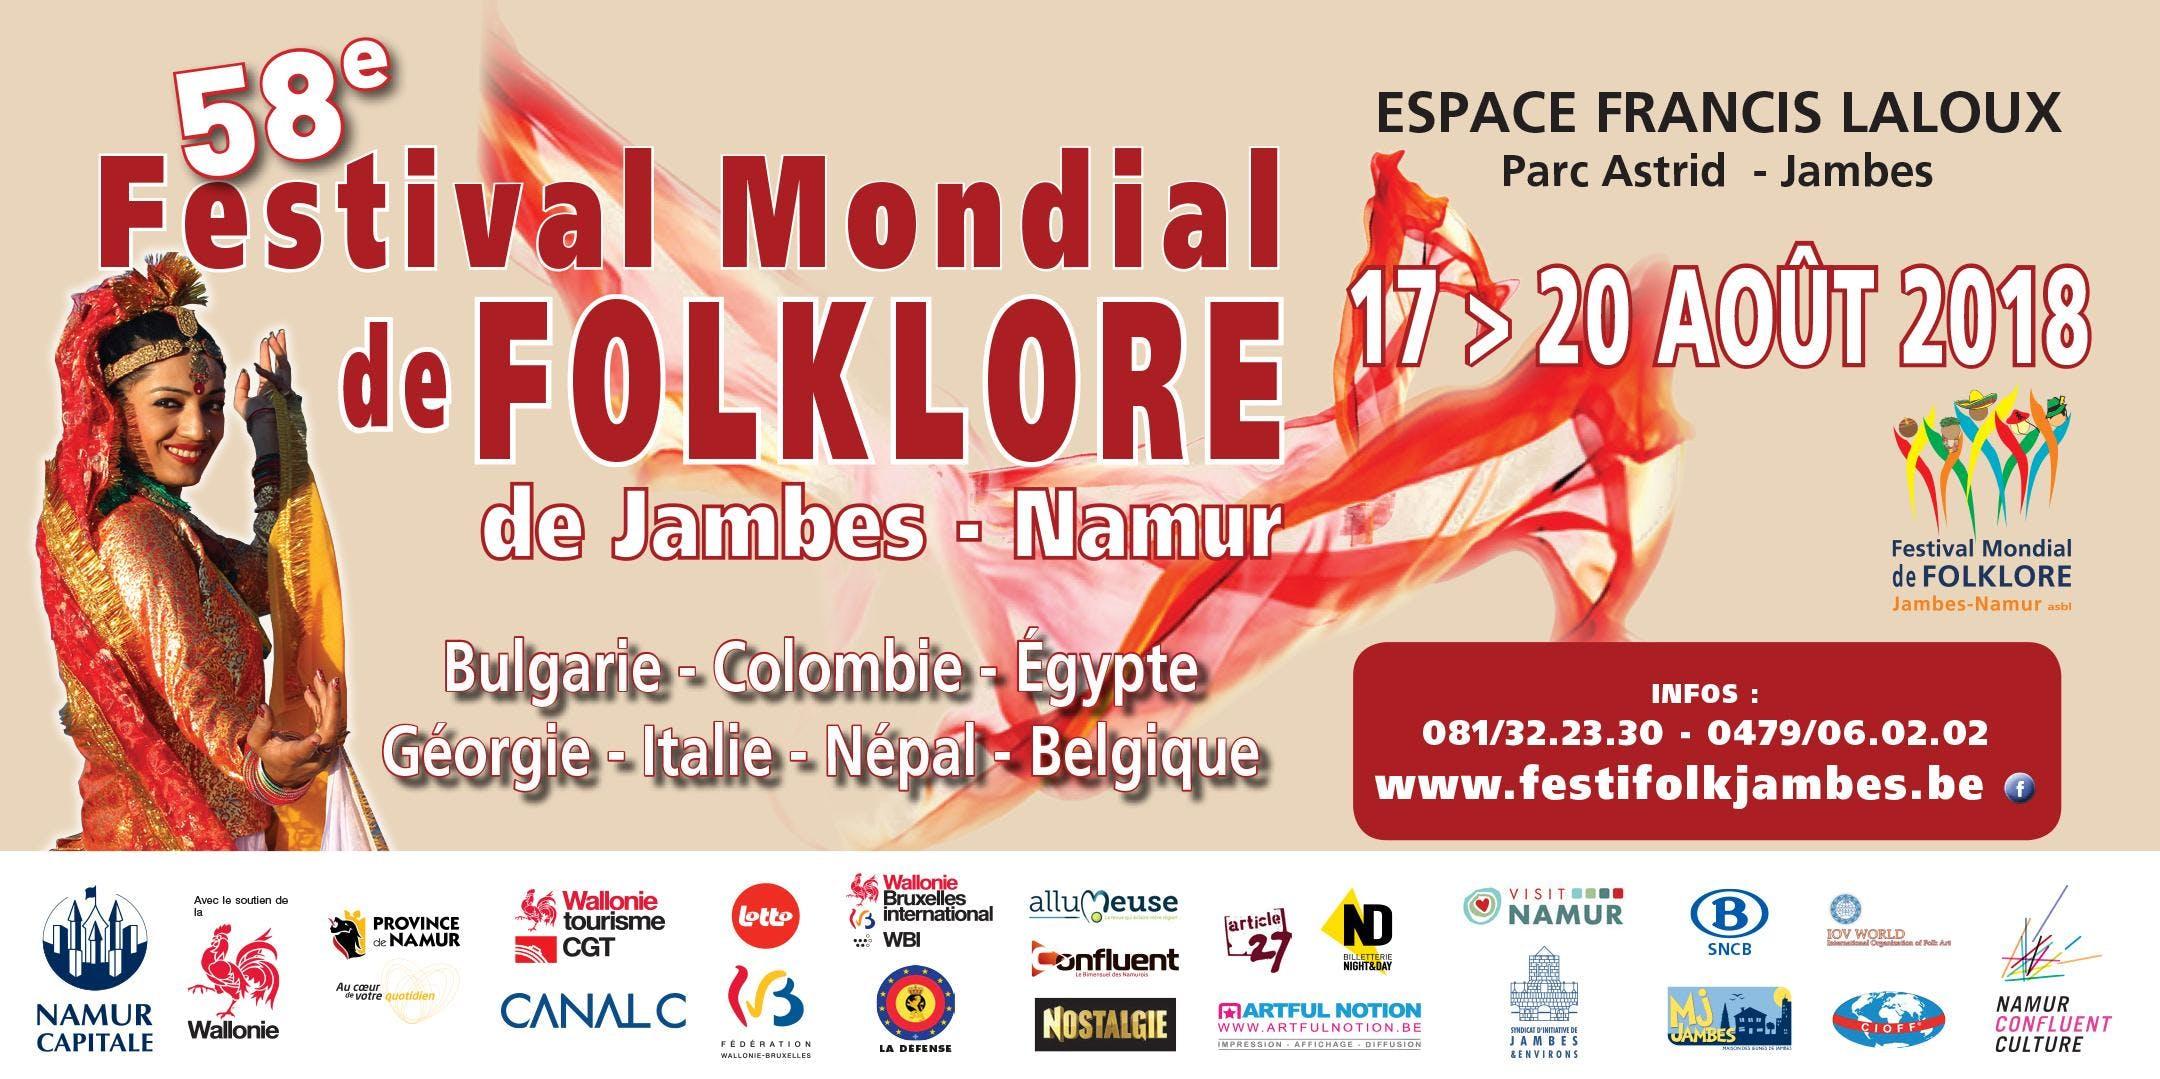 58ème Festival mondial de folklore de Jambes-